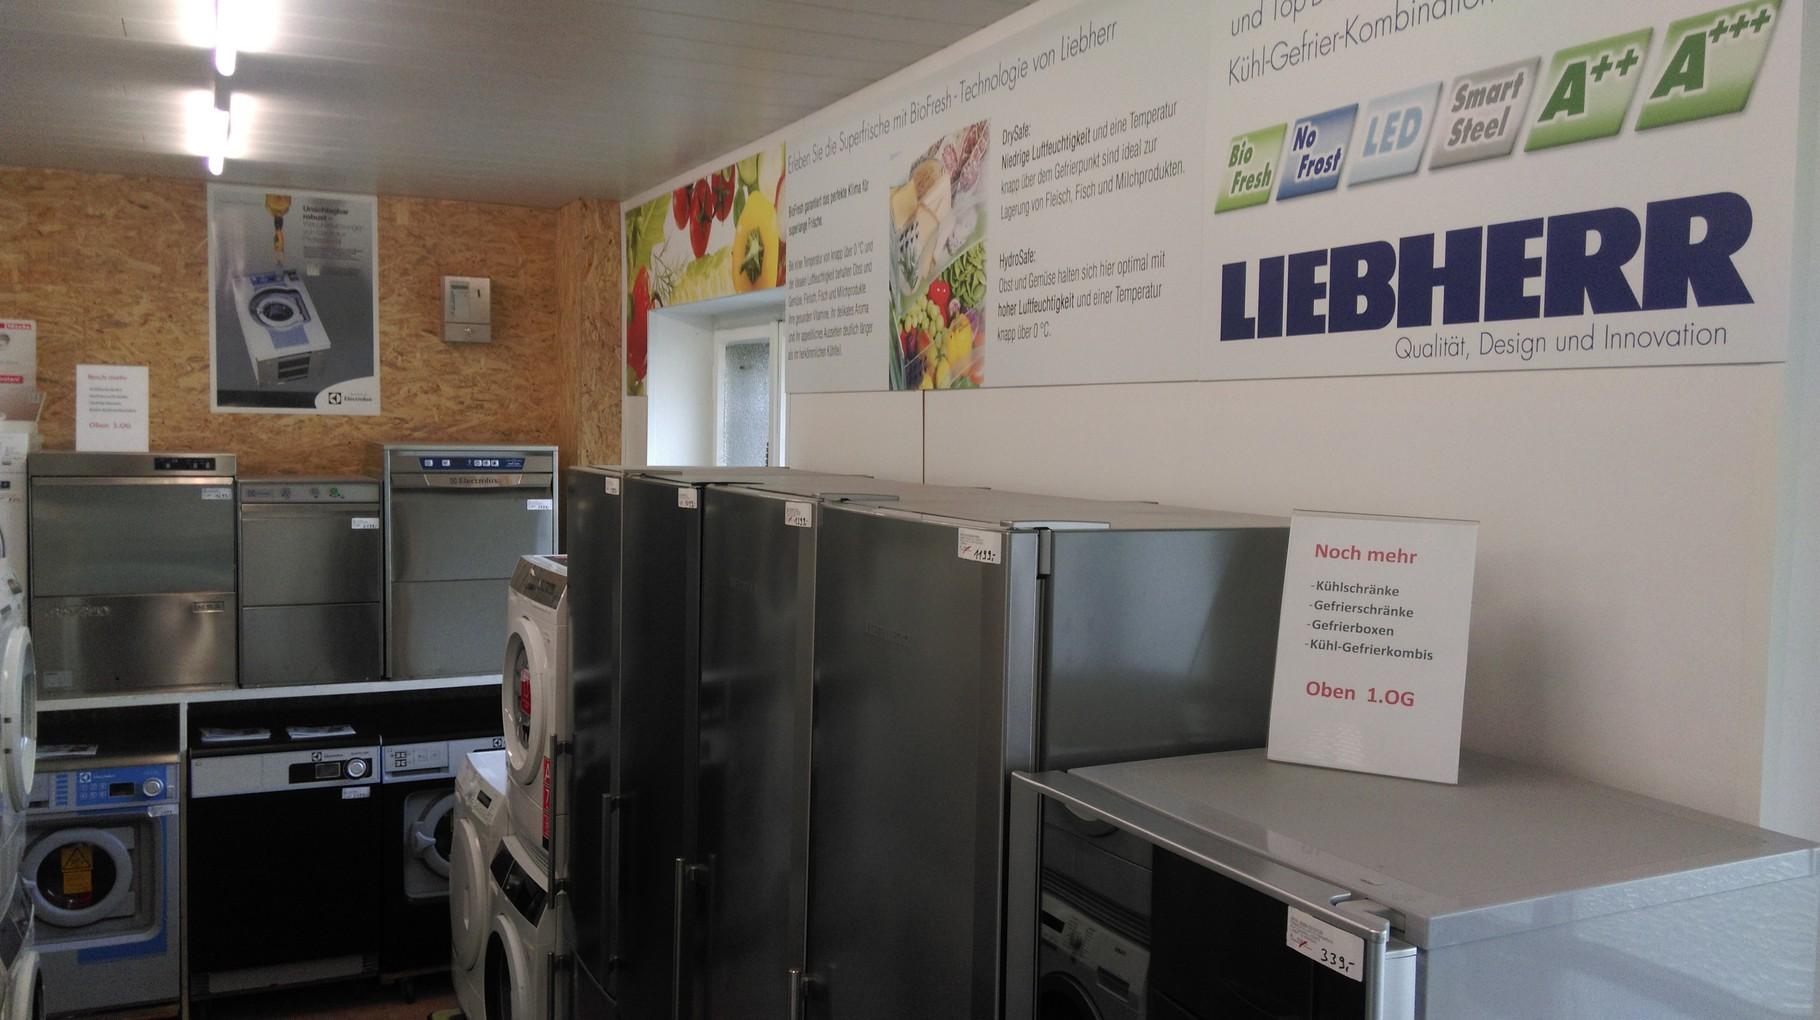 Liebherr Kühlschränke in HGS Elektro Köln